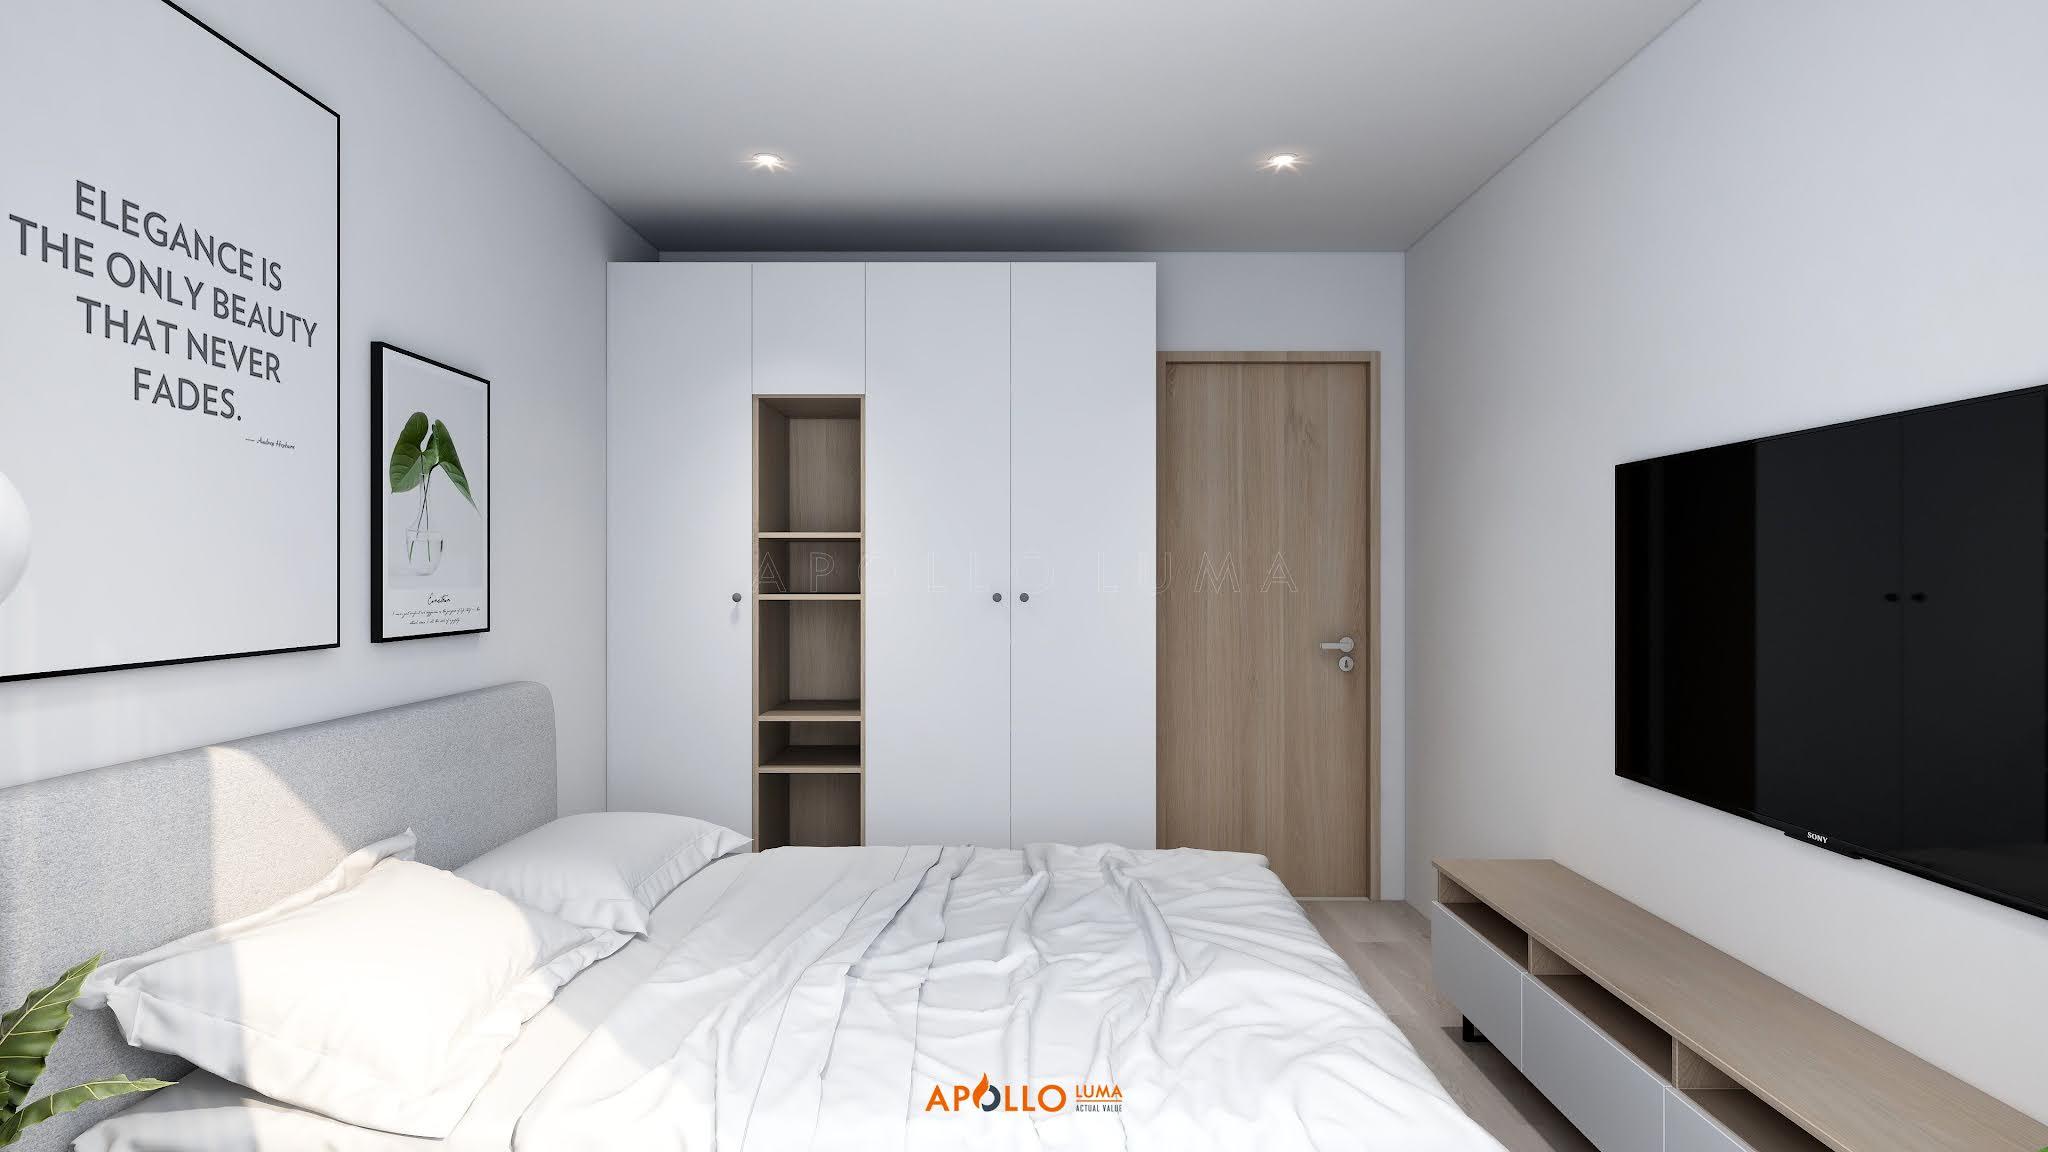 Thiết kế nội thất căn 2PN+1 (55m2) S2.16-11 Vinhomes Ocean Park phong cách hiện đại